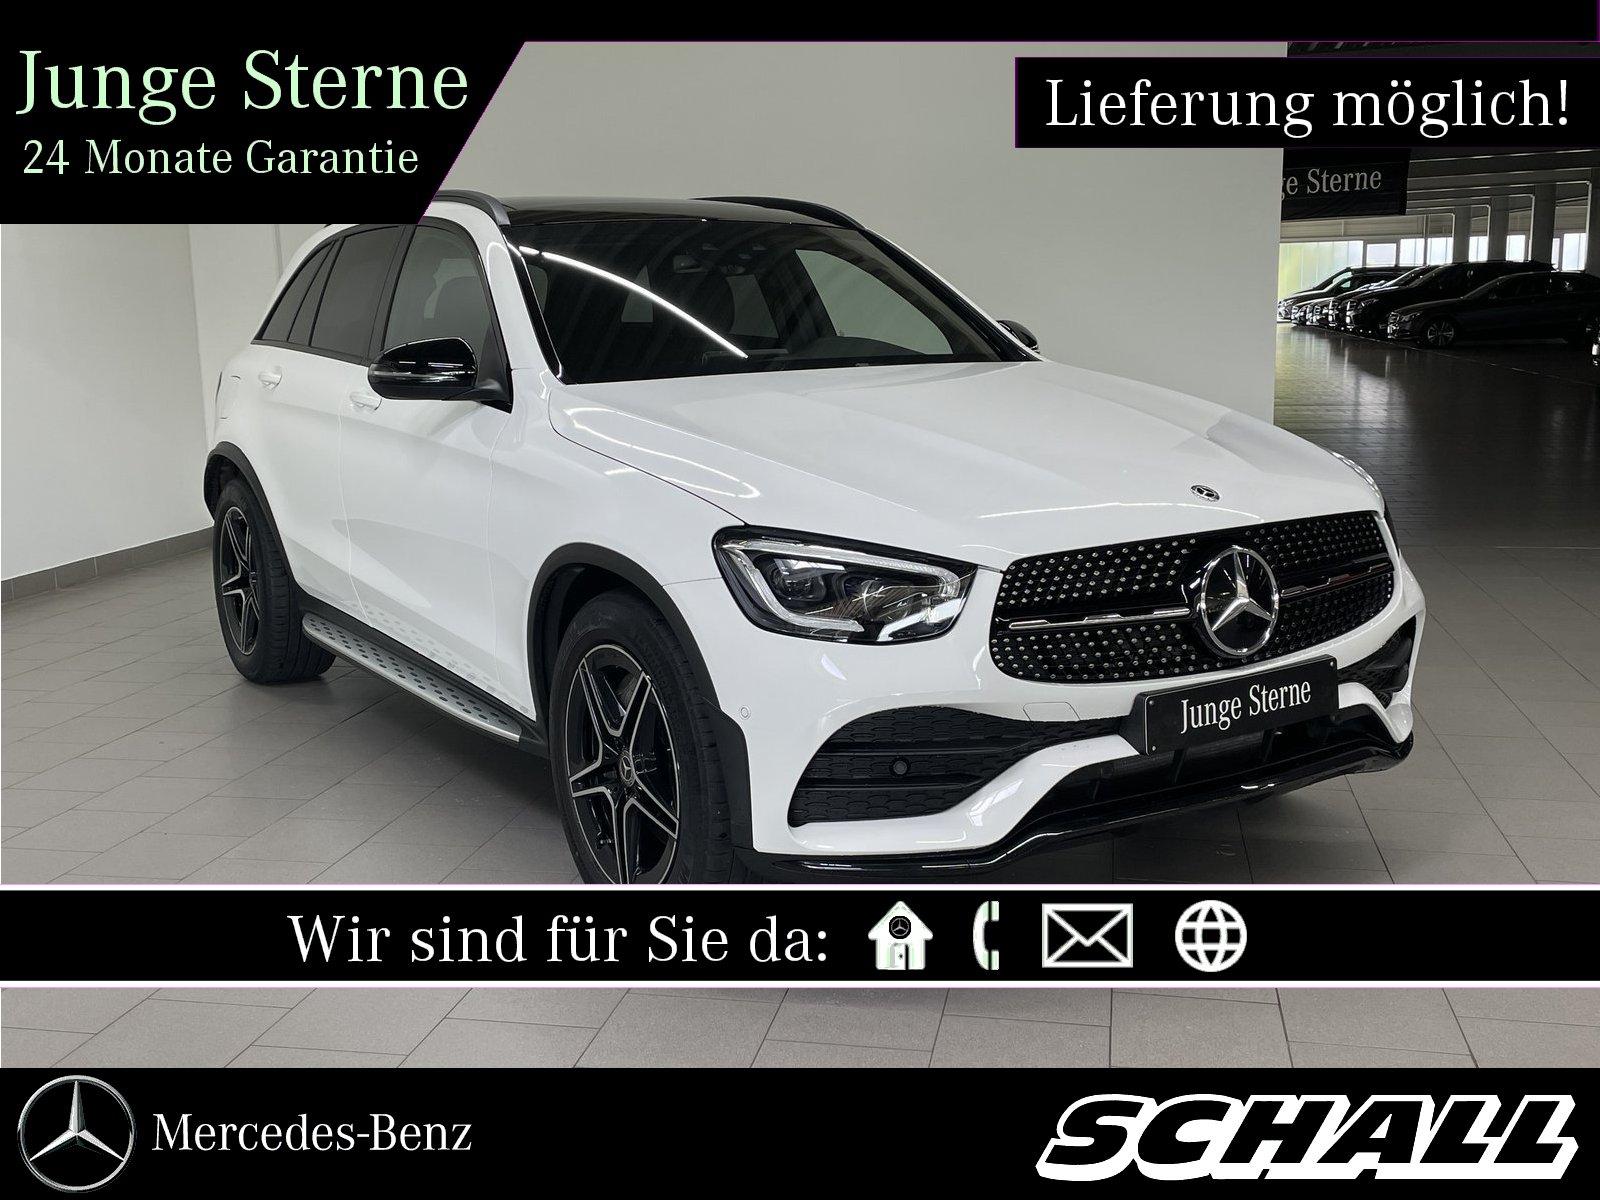 Mercedes-Benz GLC 400 d 4M AMG+NIGHT+PANO+MULTIBEAM+KAMERA+BUR, Jahr 2020, Diesel